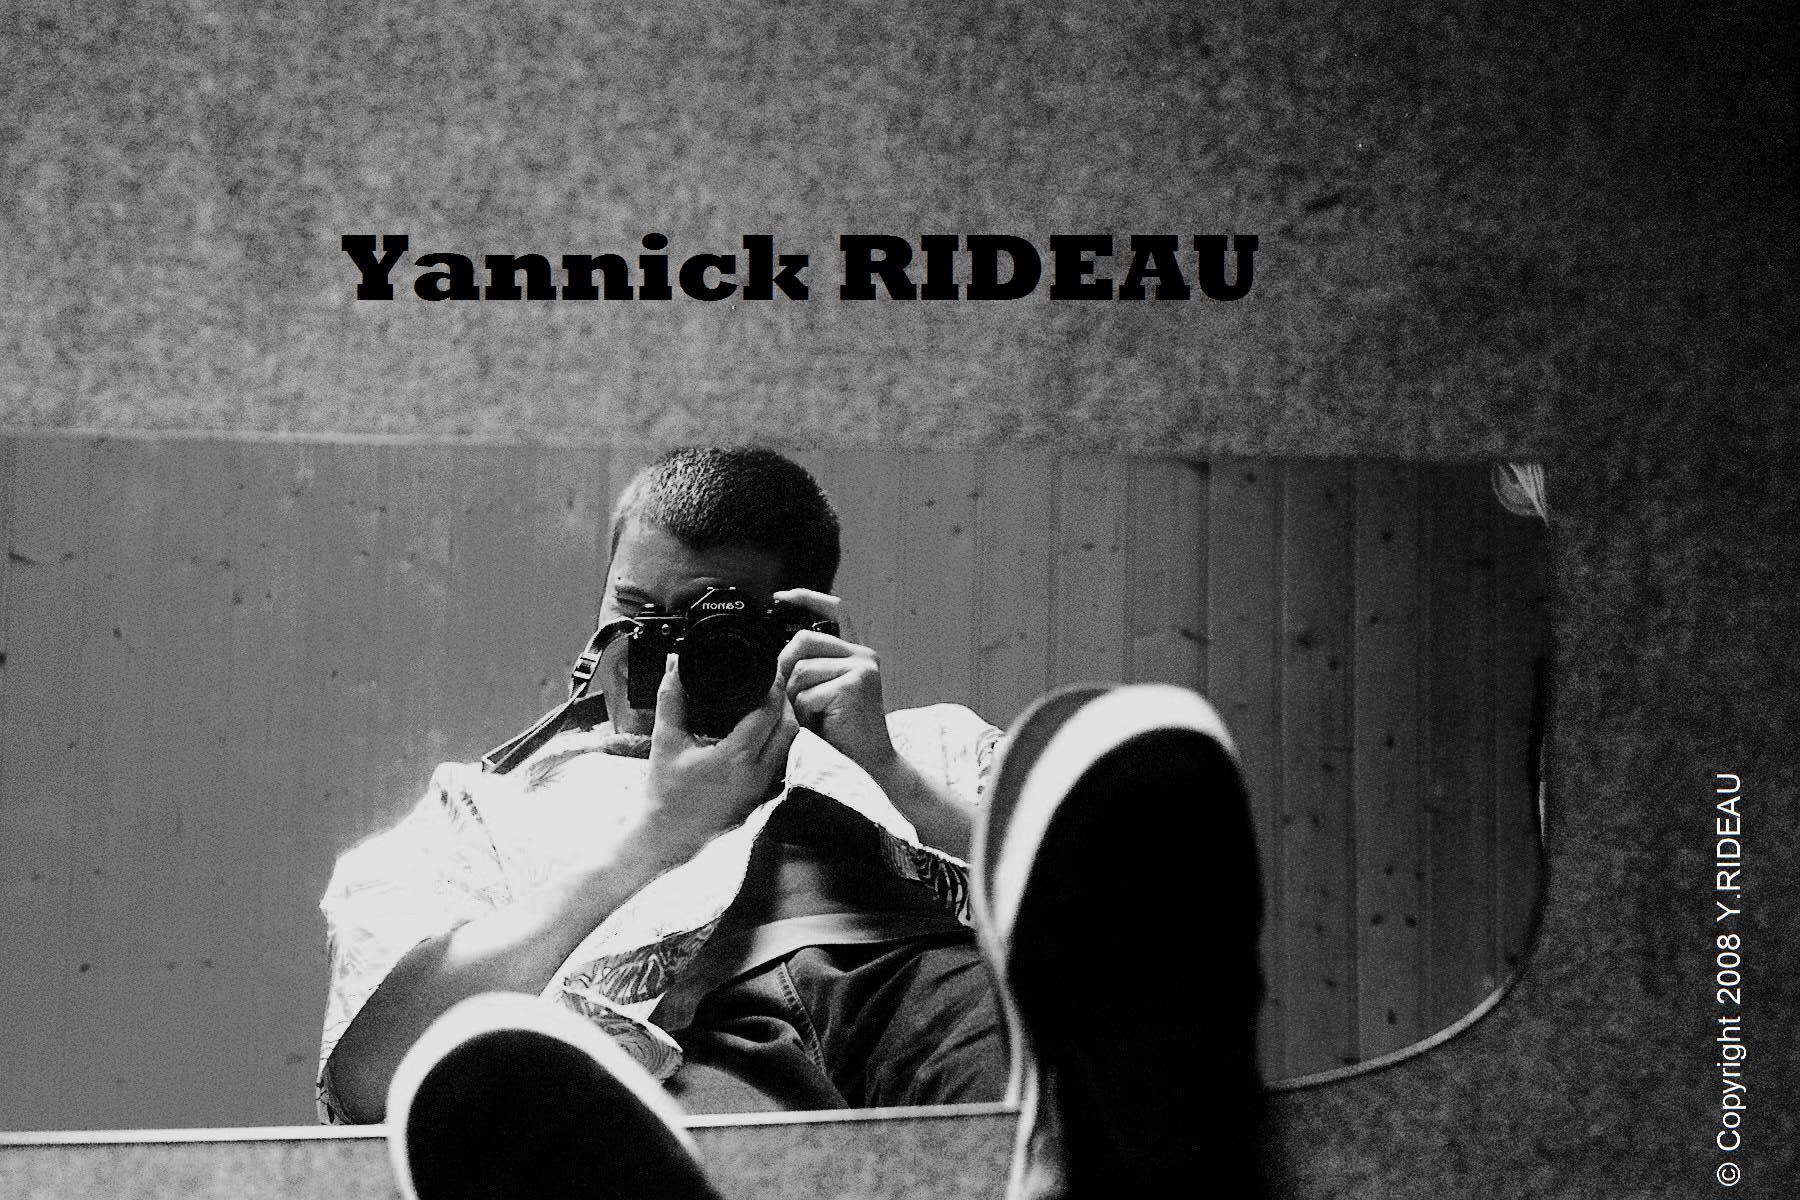 Yannick Rideau